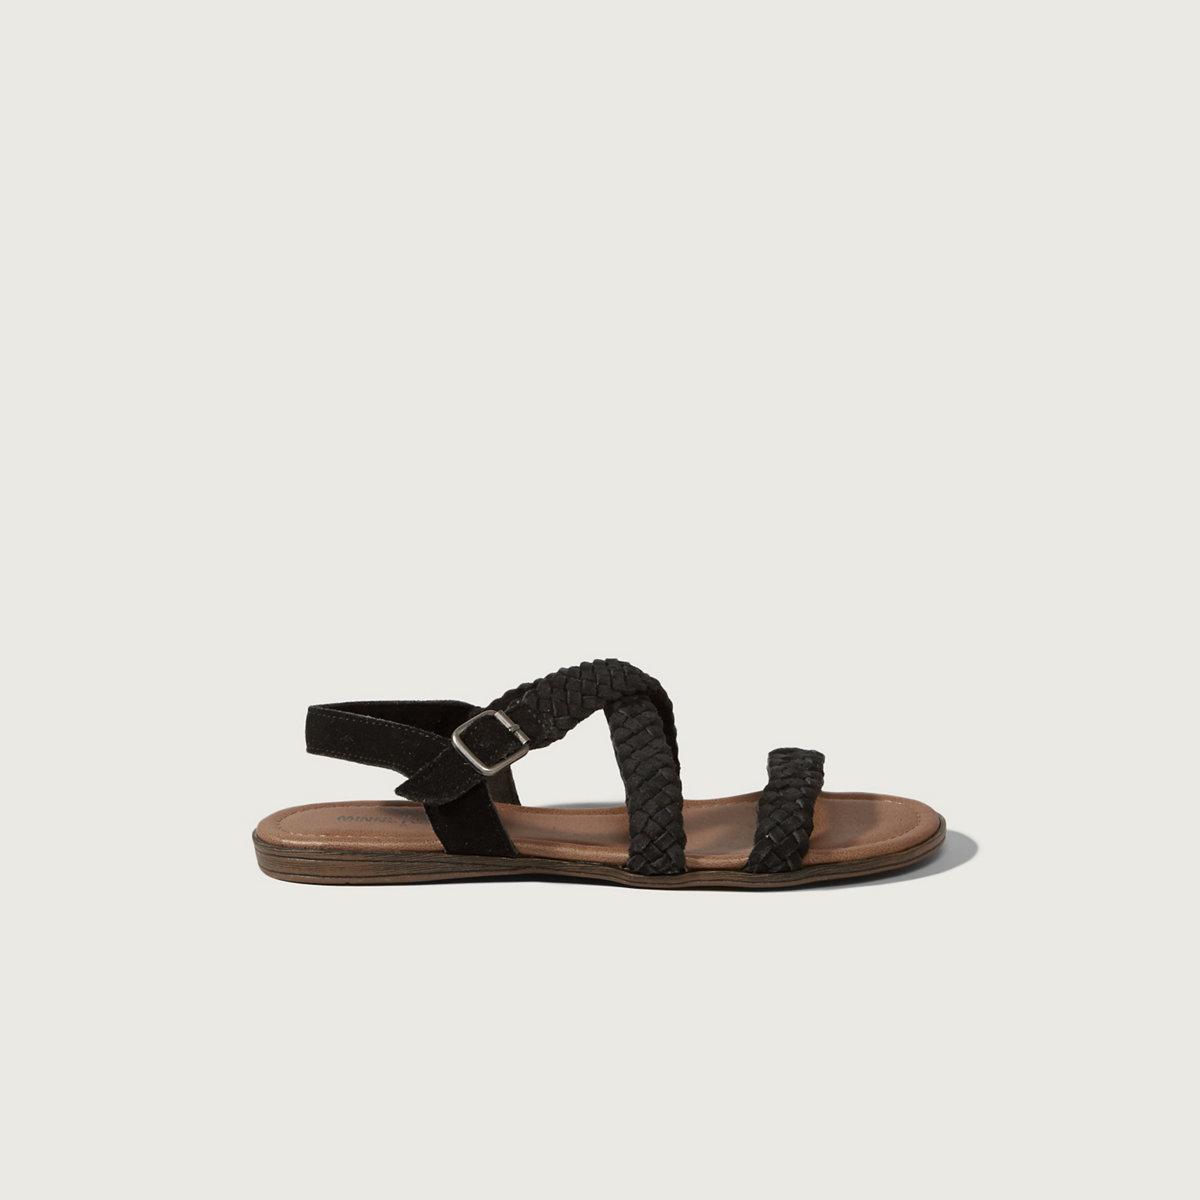 Minnetonka Santorini Sandal